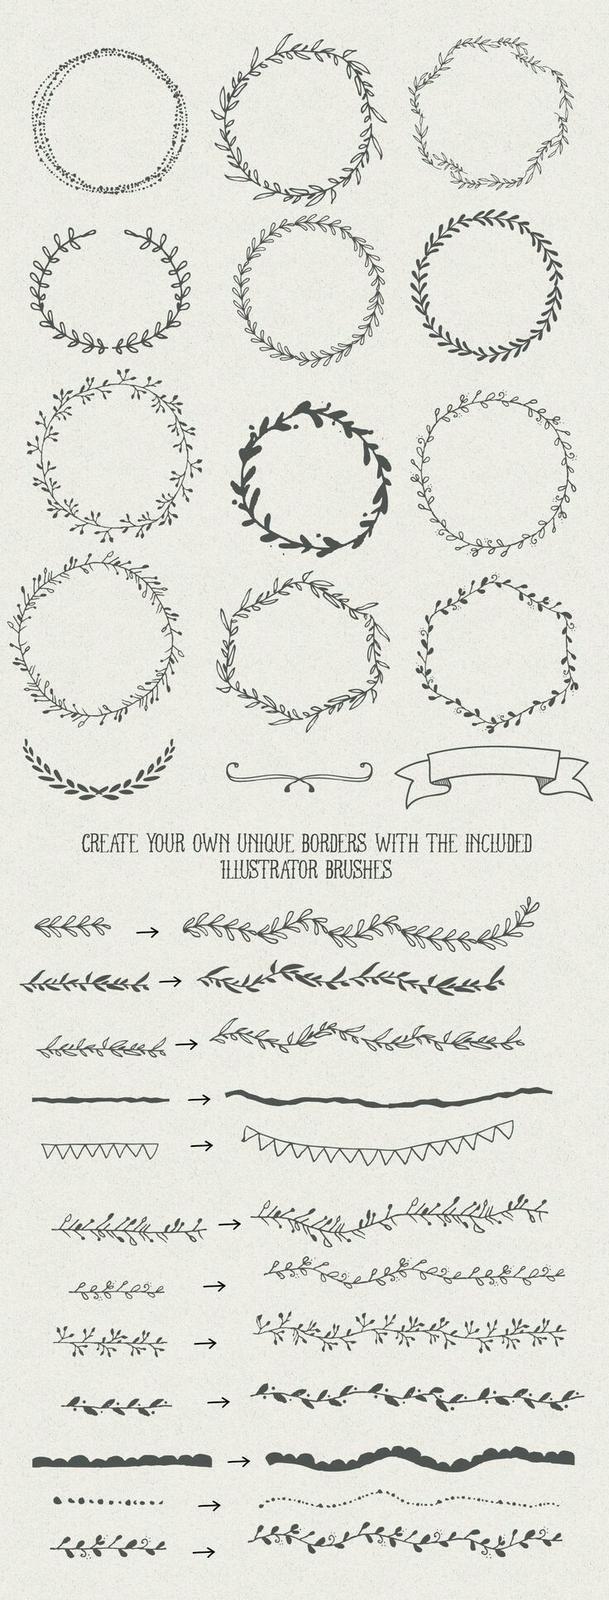 Šablóny na tvorbu vlastných oznámení - Obrázok č. 31